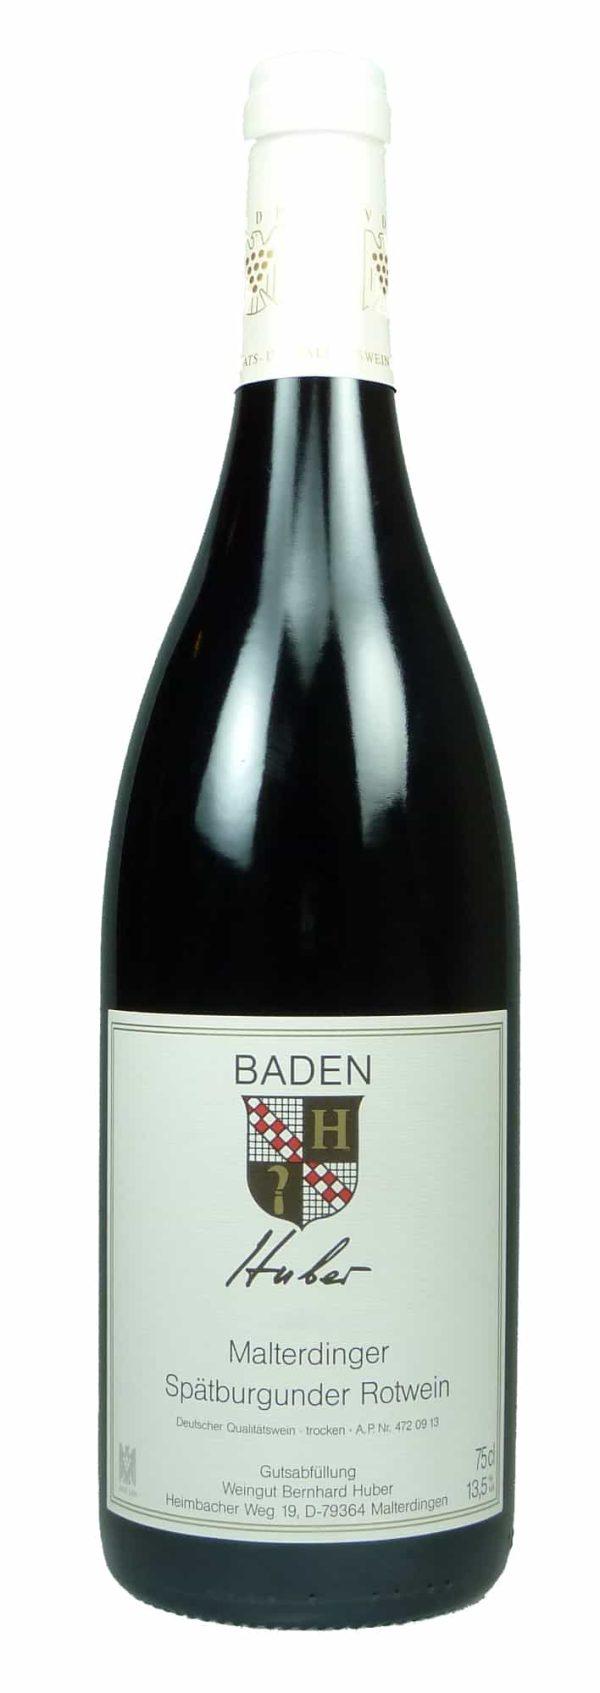 Malterdinger Spätburgunder Qualitätswein trocken 2016